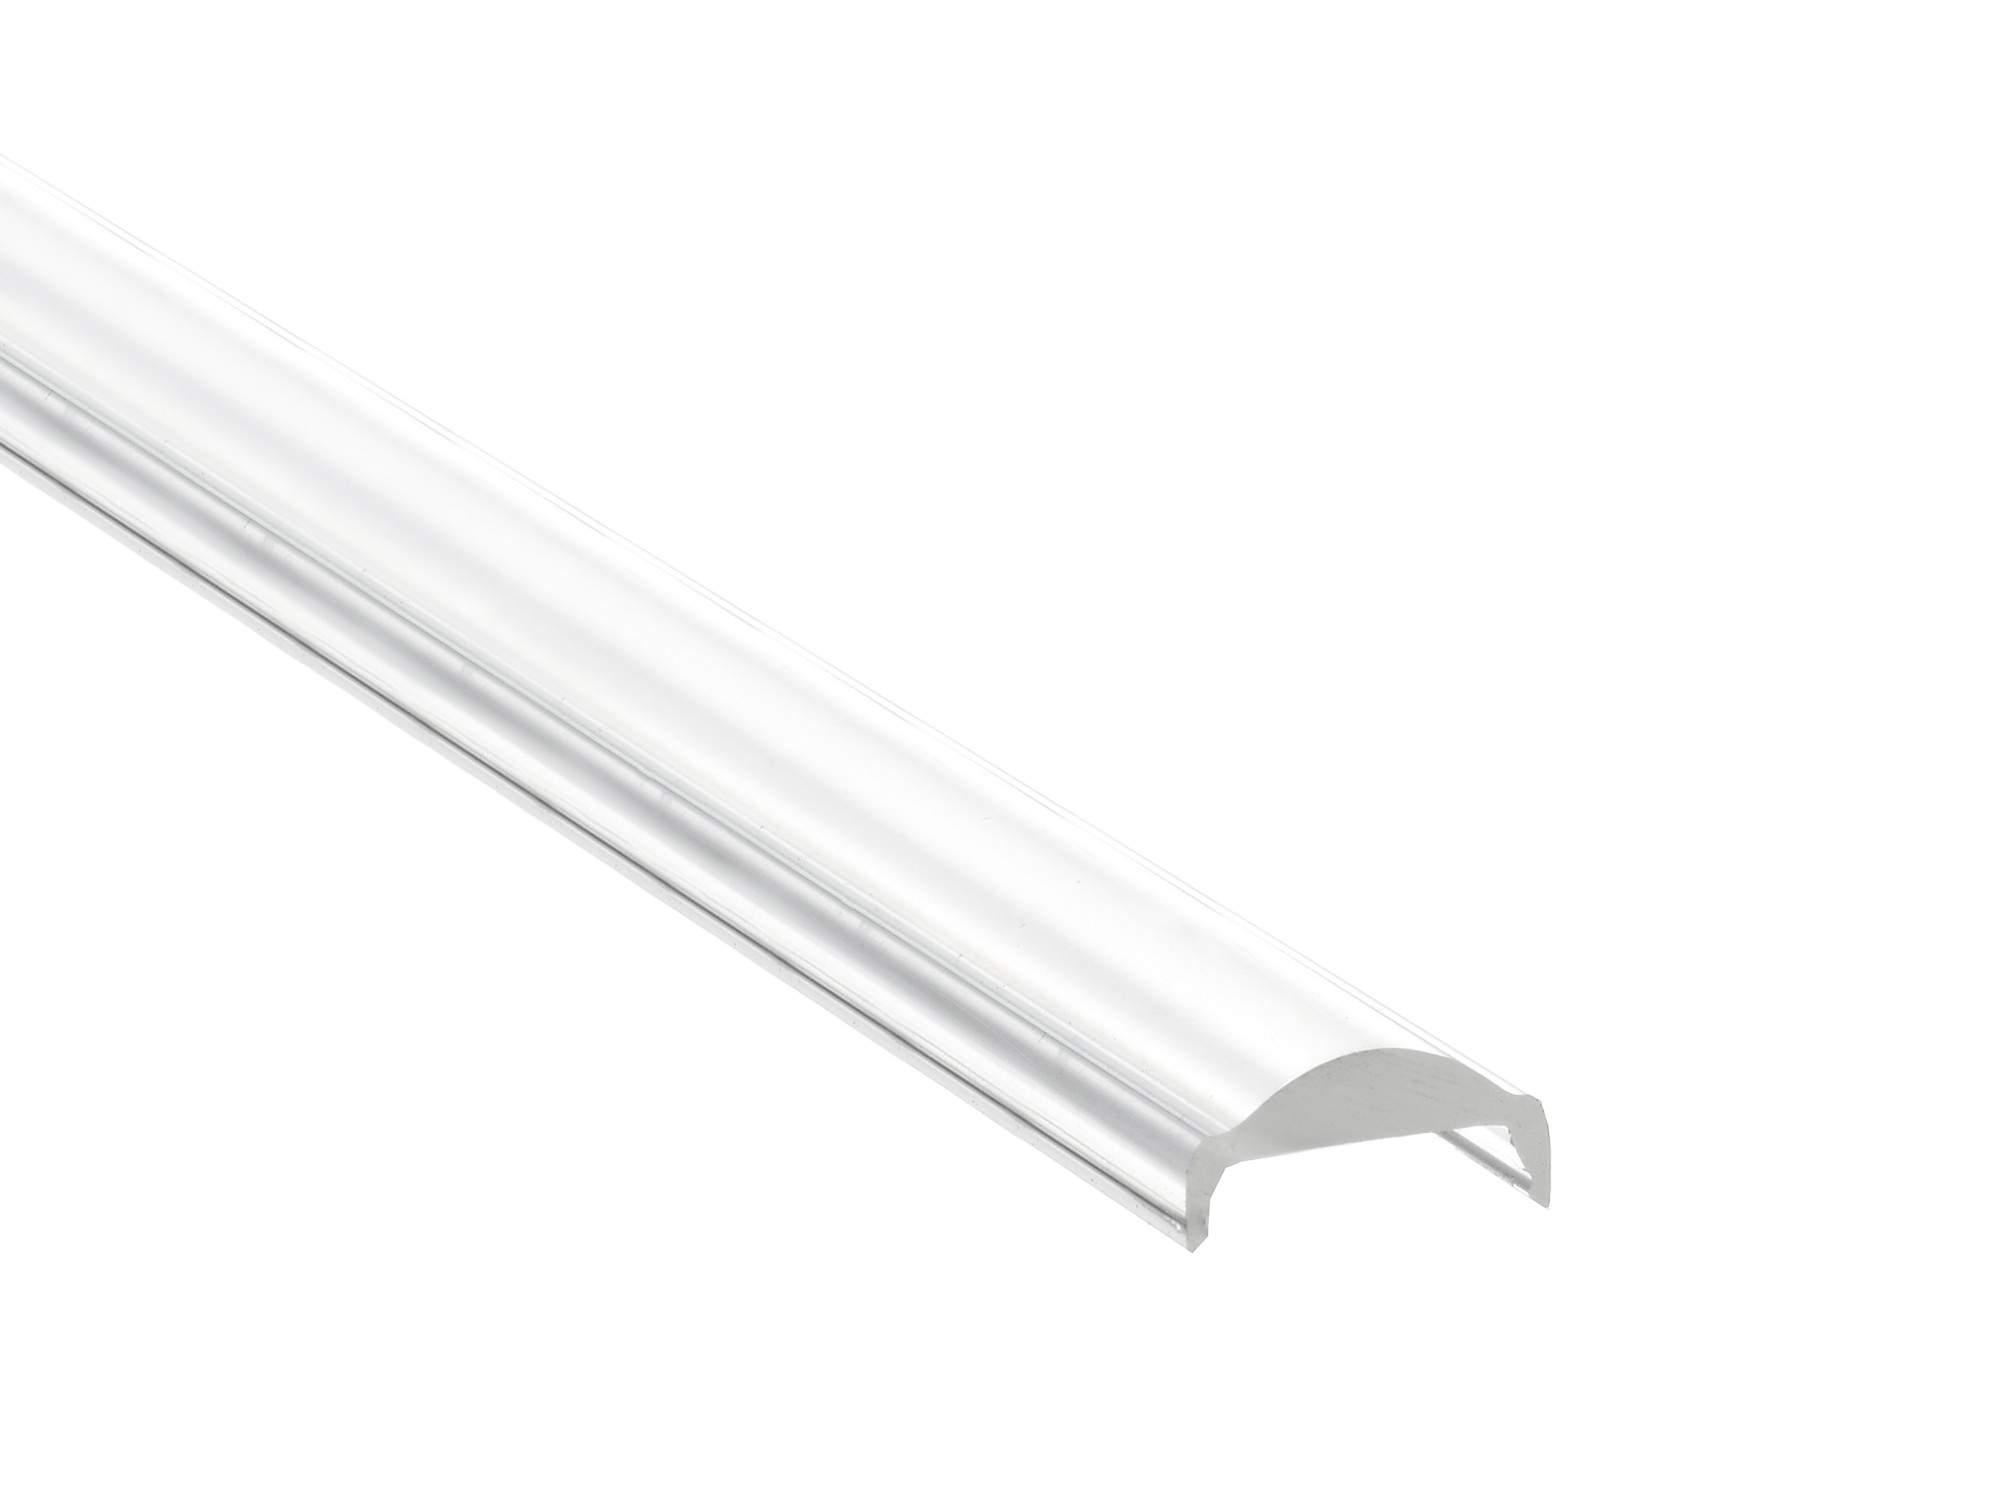 Aluminum profile cover LUZ NEGRA 30° Torino 2m